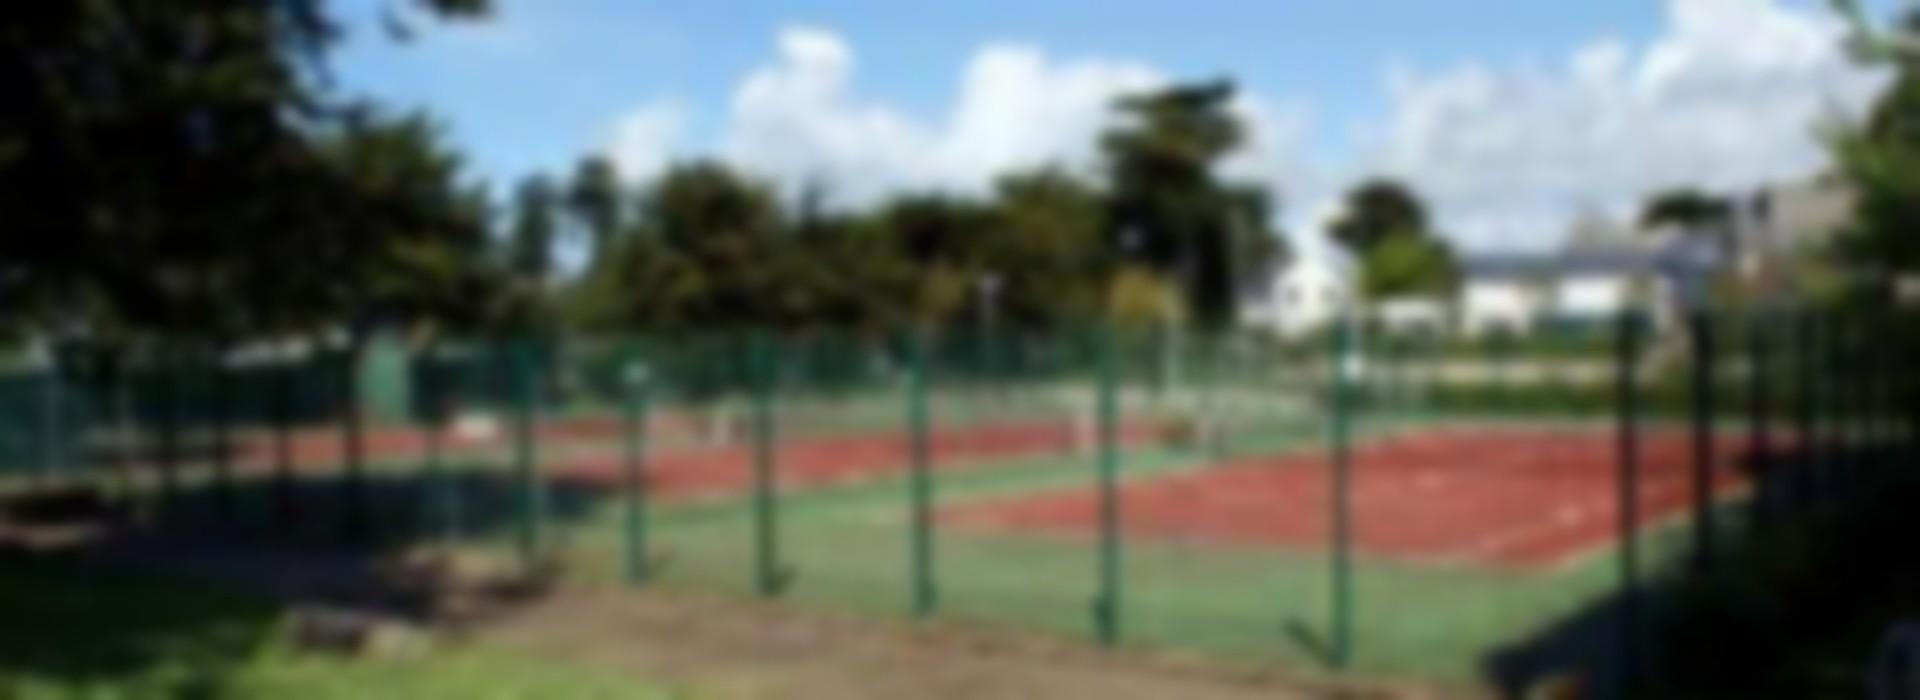 Office de tourisme de batz sur mer tennis loisirs pour jeunes en pays de la loire - Office du tourisme batz sur mer ...